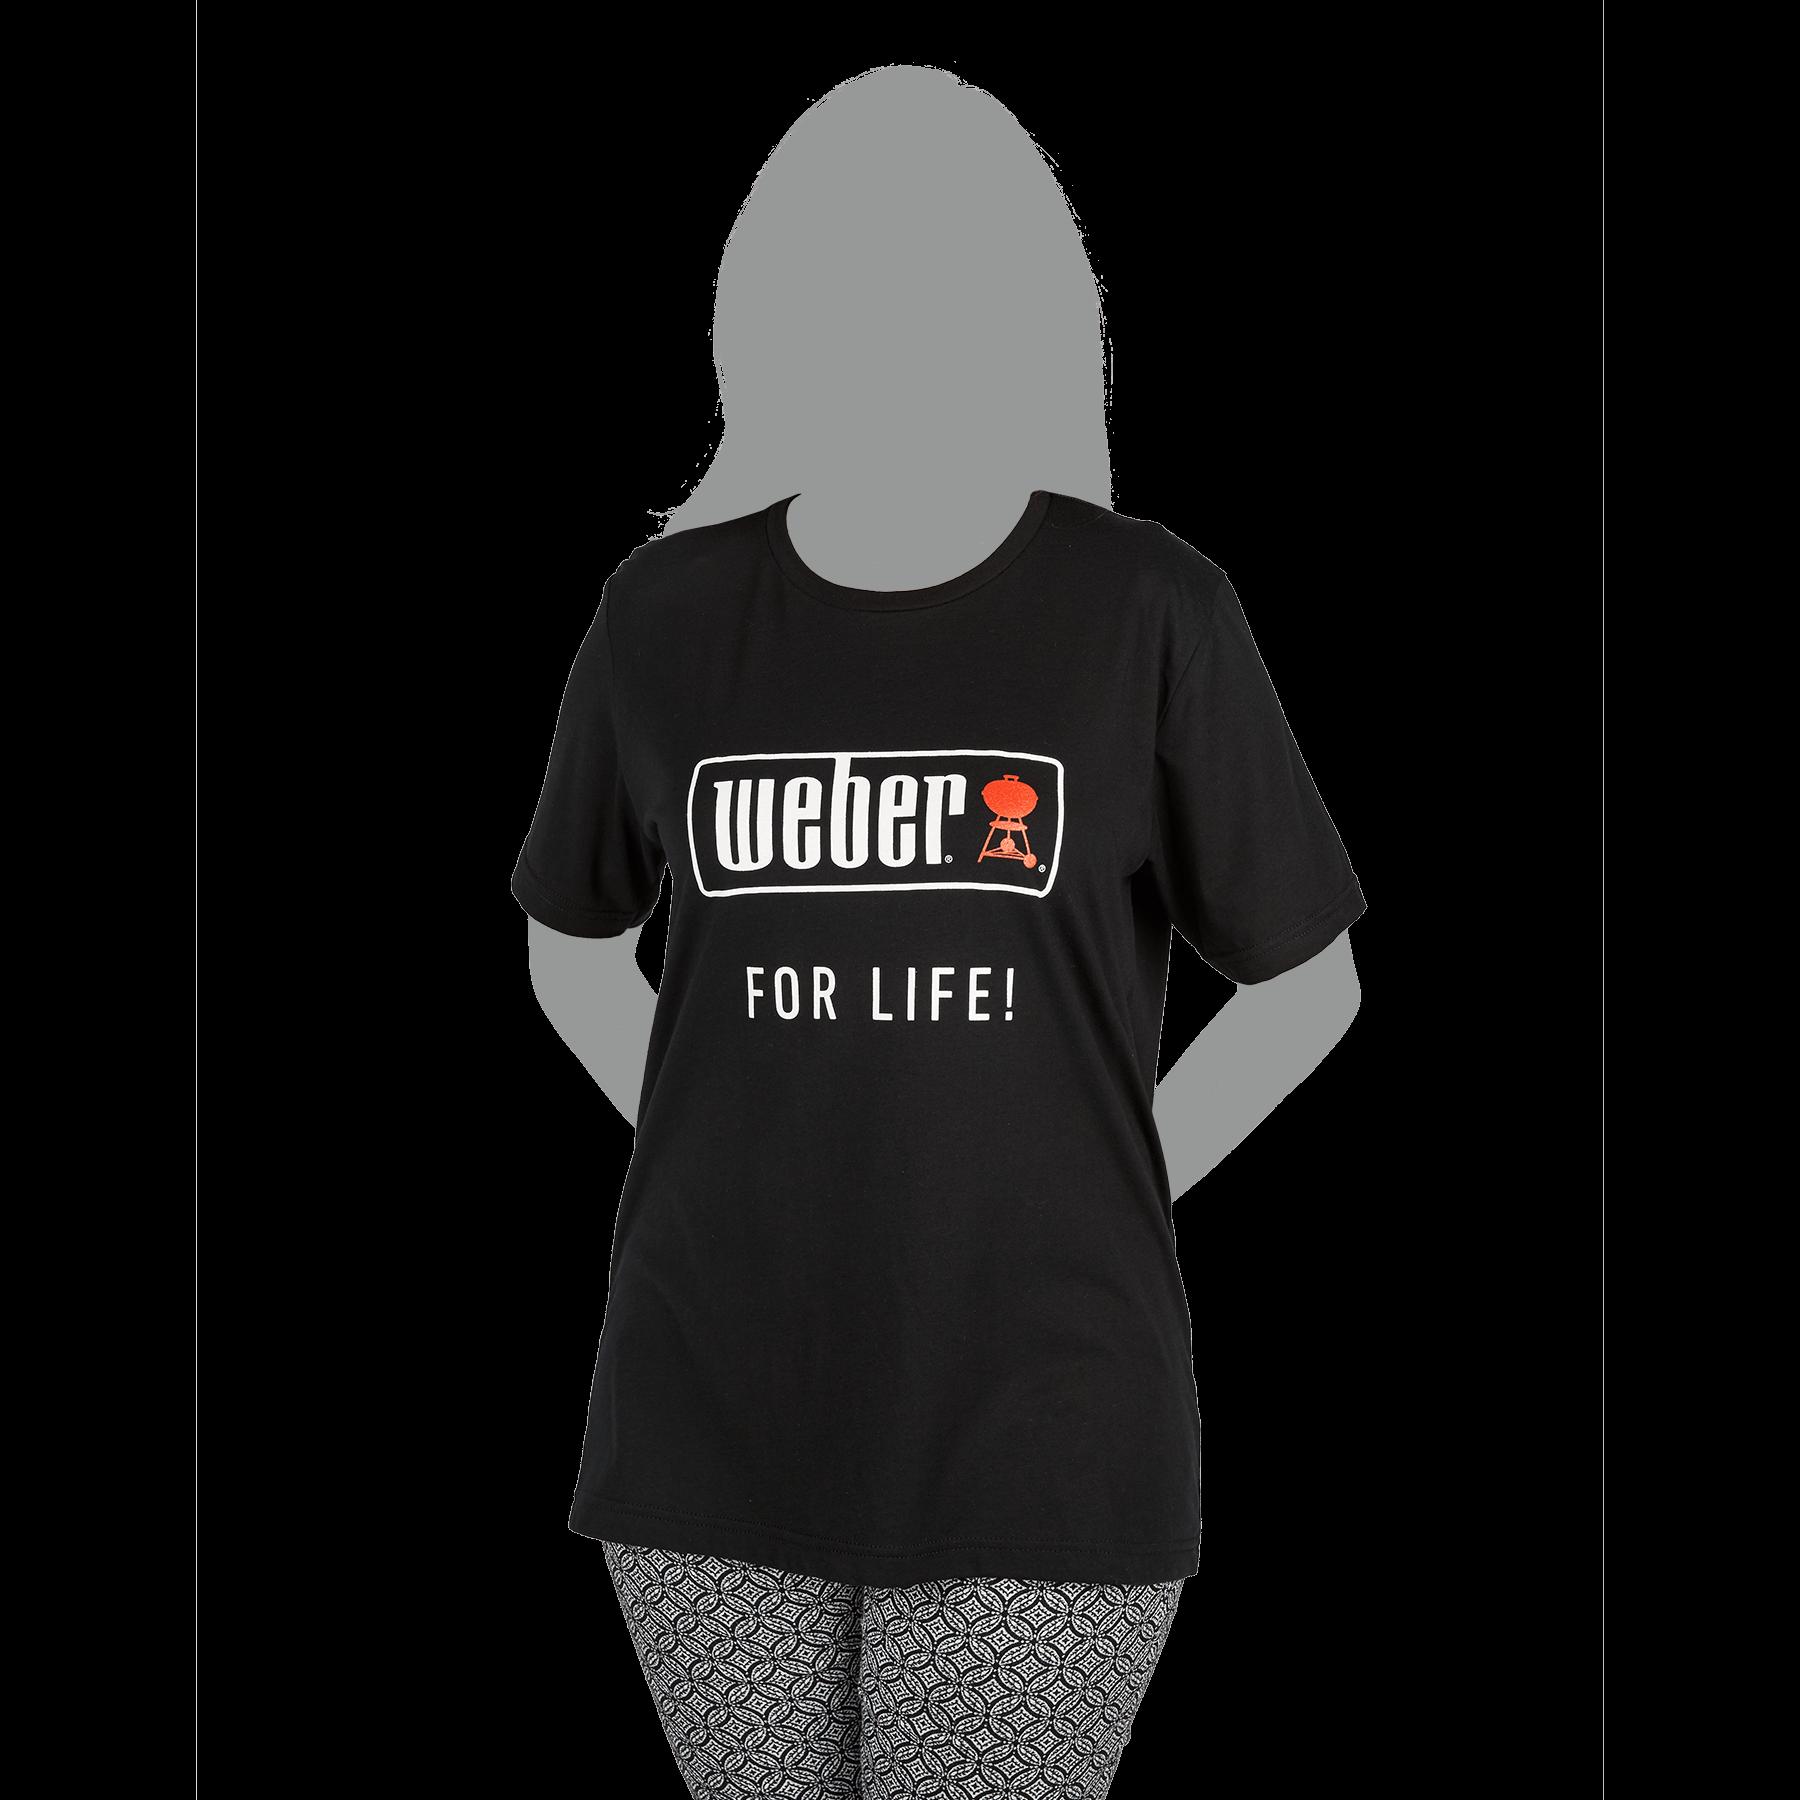 Weber for Life! T-Shirt